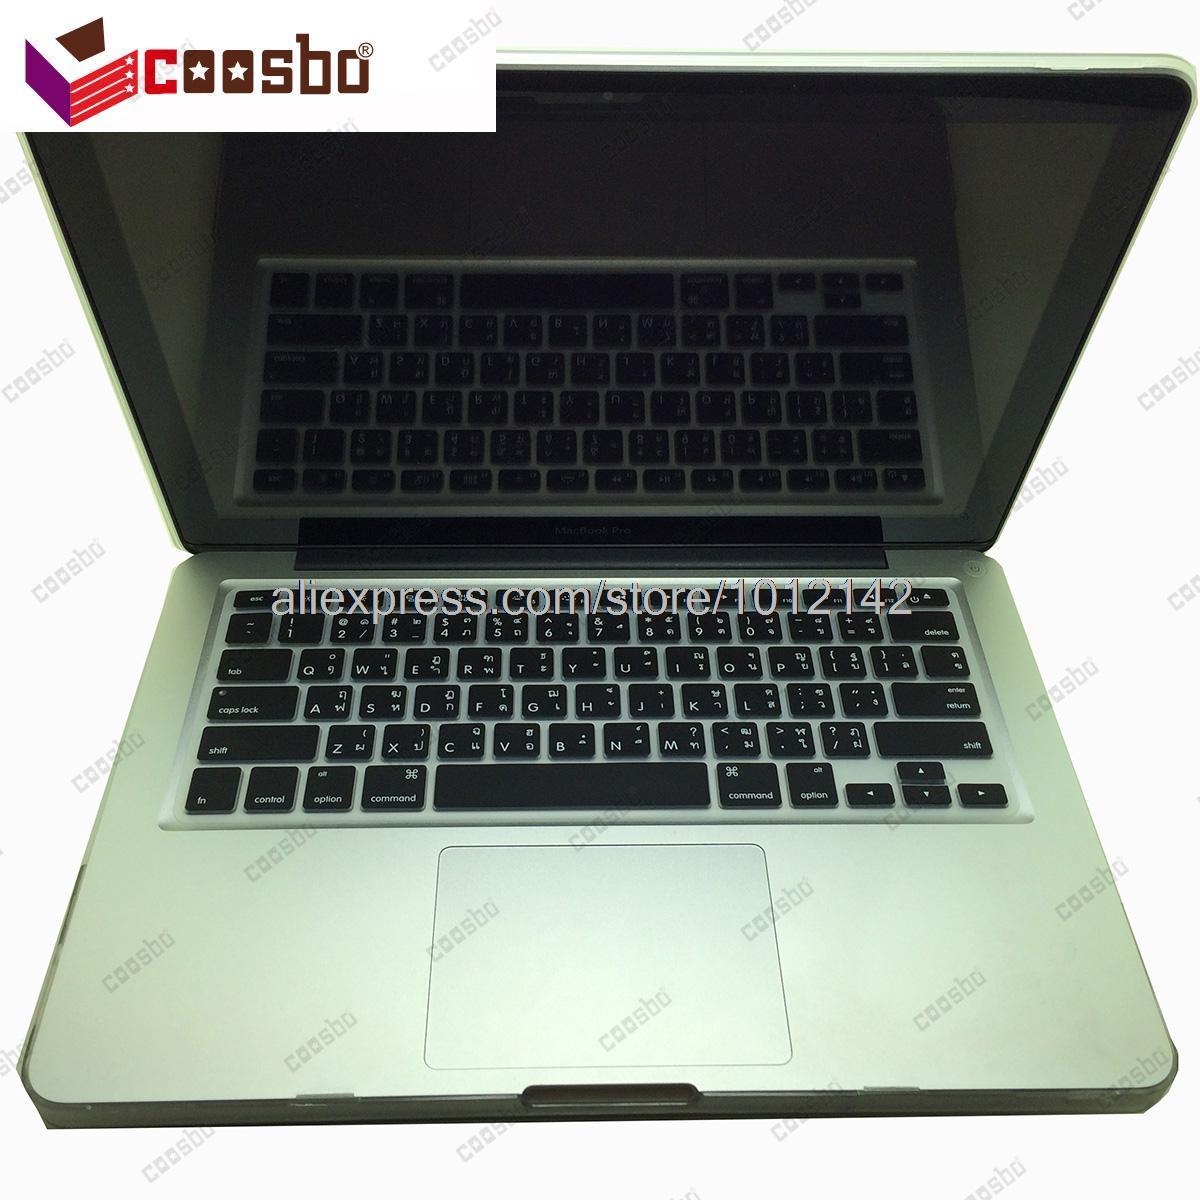 New 50 pcs gros prix inférieur thaïlande Thai couleurs clavier peau protecteur pour Mac Macbook Air Pro Retina / G6 13 15 17